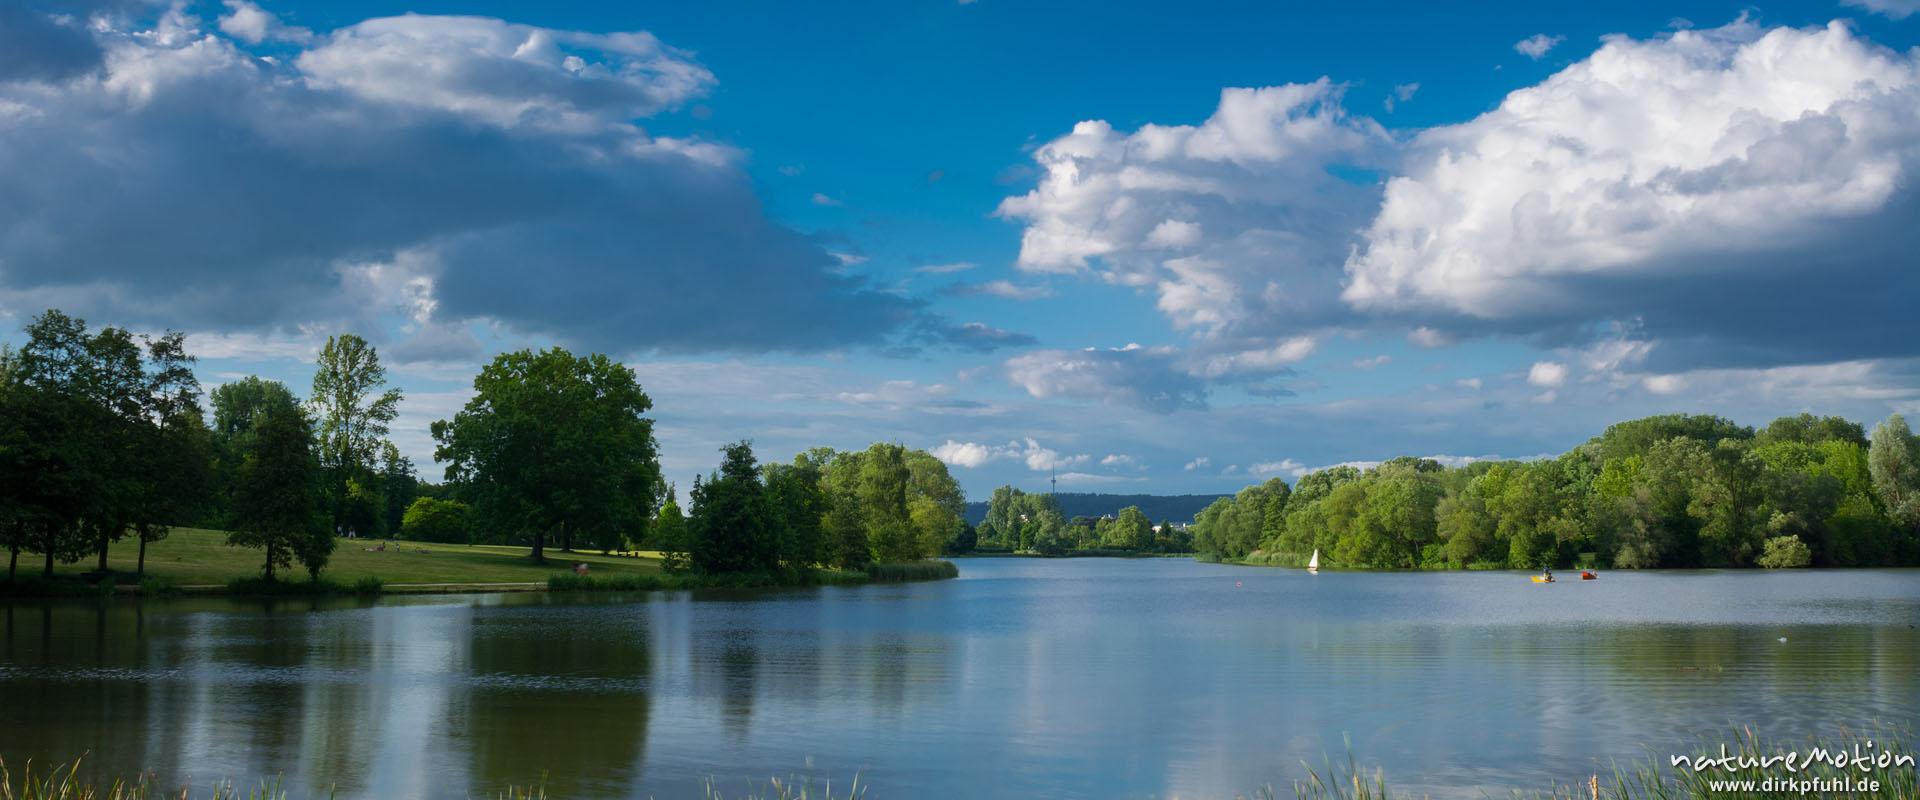 Kiessee Göttingen, Abendlicht und Wolken, G?ttingen, Deutschland